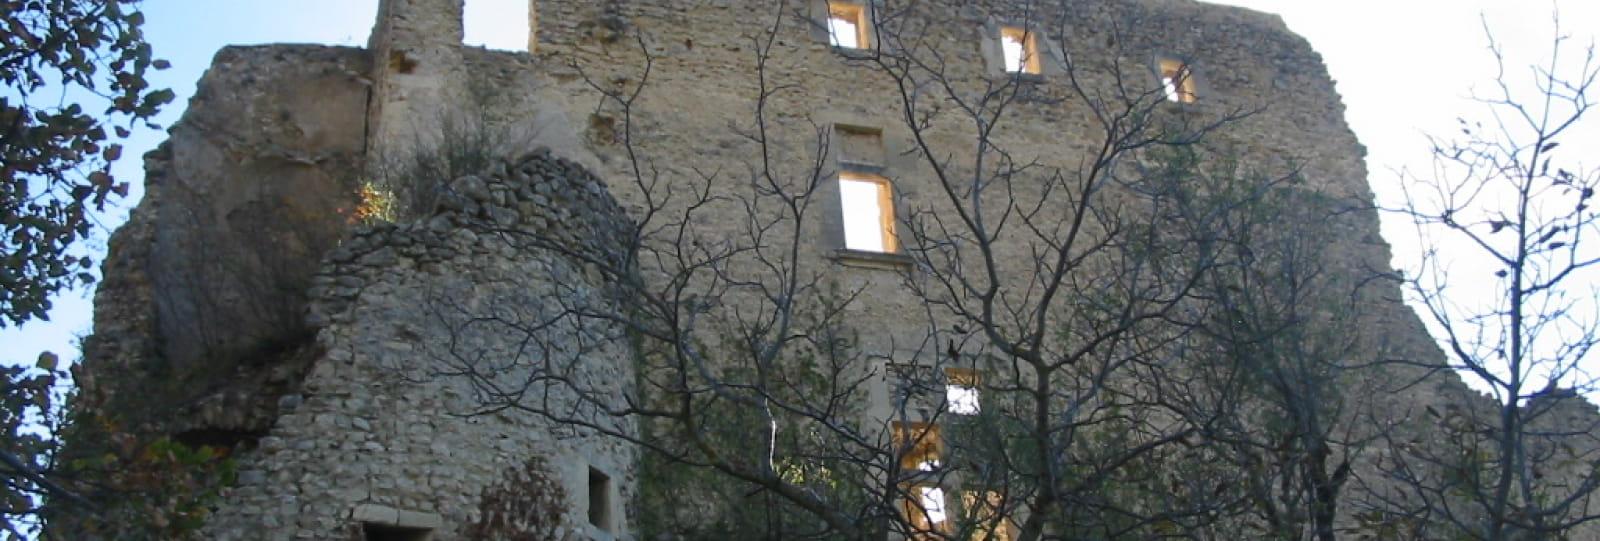 Château de Montbrun les Bains